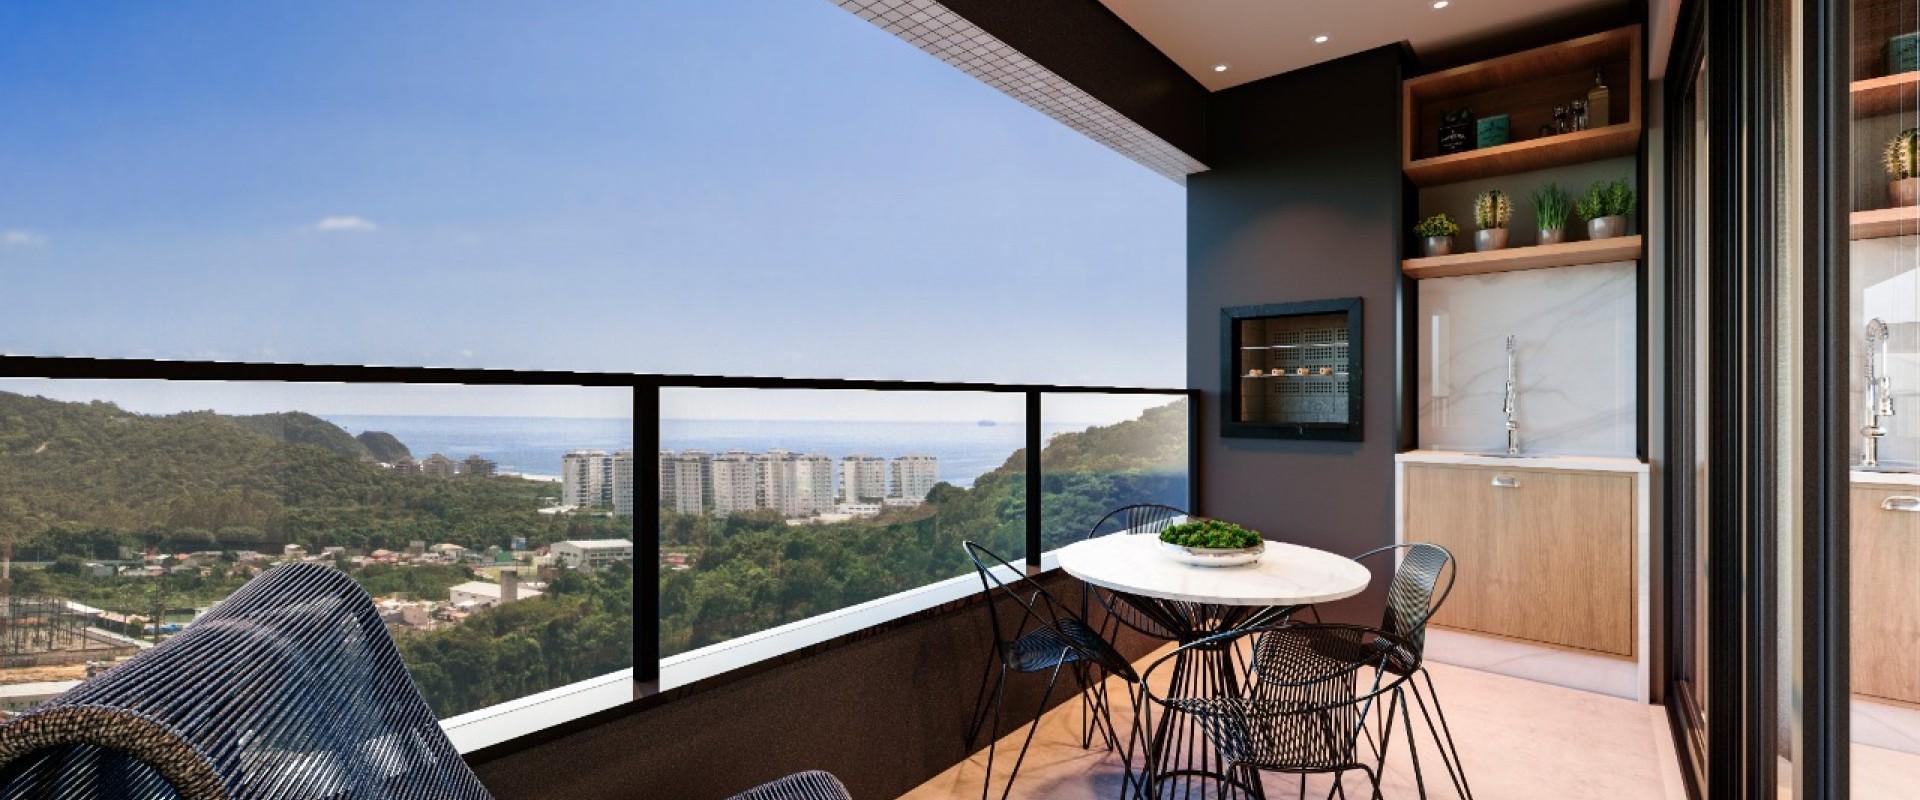 Brava Valley Apartamento à venda, 2 quartos, 1 vaga, Praia Brava de Itajaí - Itajaí/SC